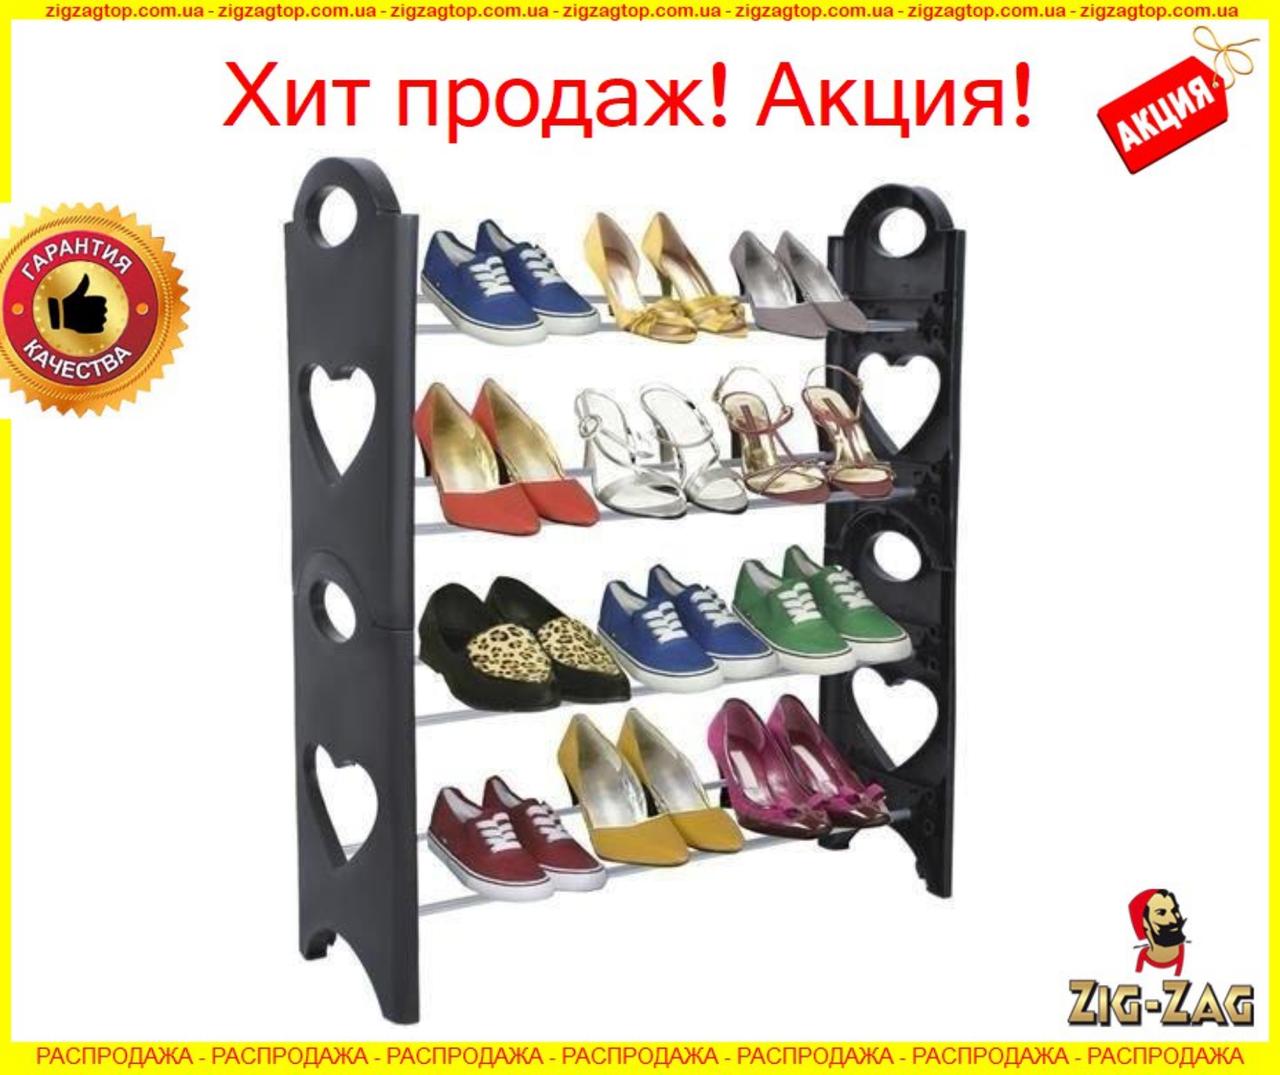 Вместительная Полка для Обуви органайзер 4 Полки на 16 пар Shoe Rack Amazing MAX Тумбы и подставки Стеллаж ТОП